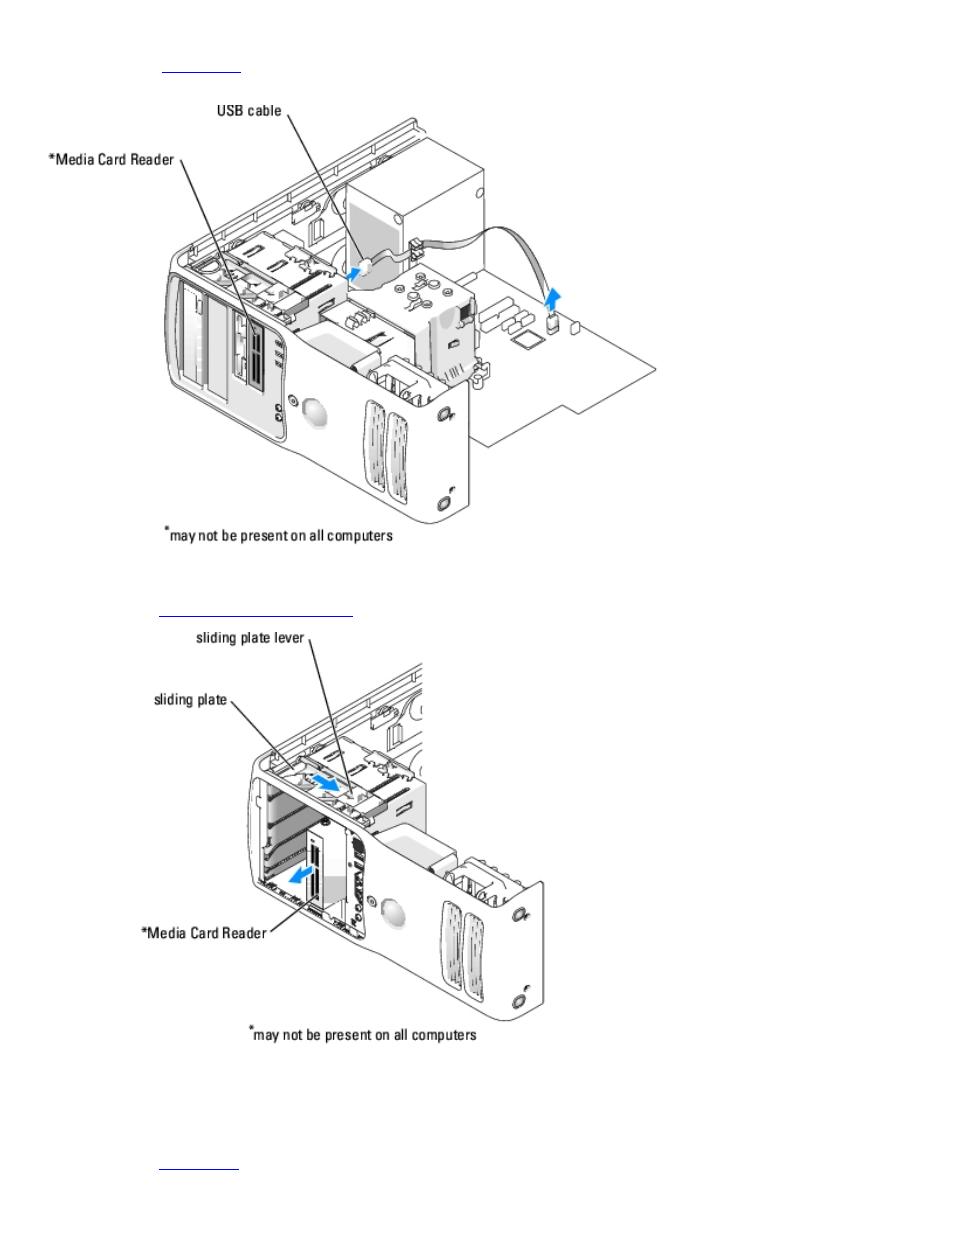 dell dimension 9150 xps 400 user manual page 51 69 original mode rh manualsdir com dell dimension 9150 service manual dell dimension 9150 user manual